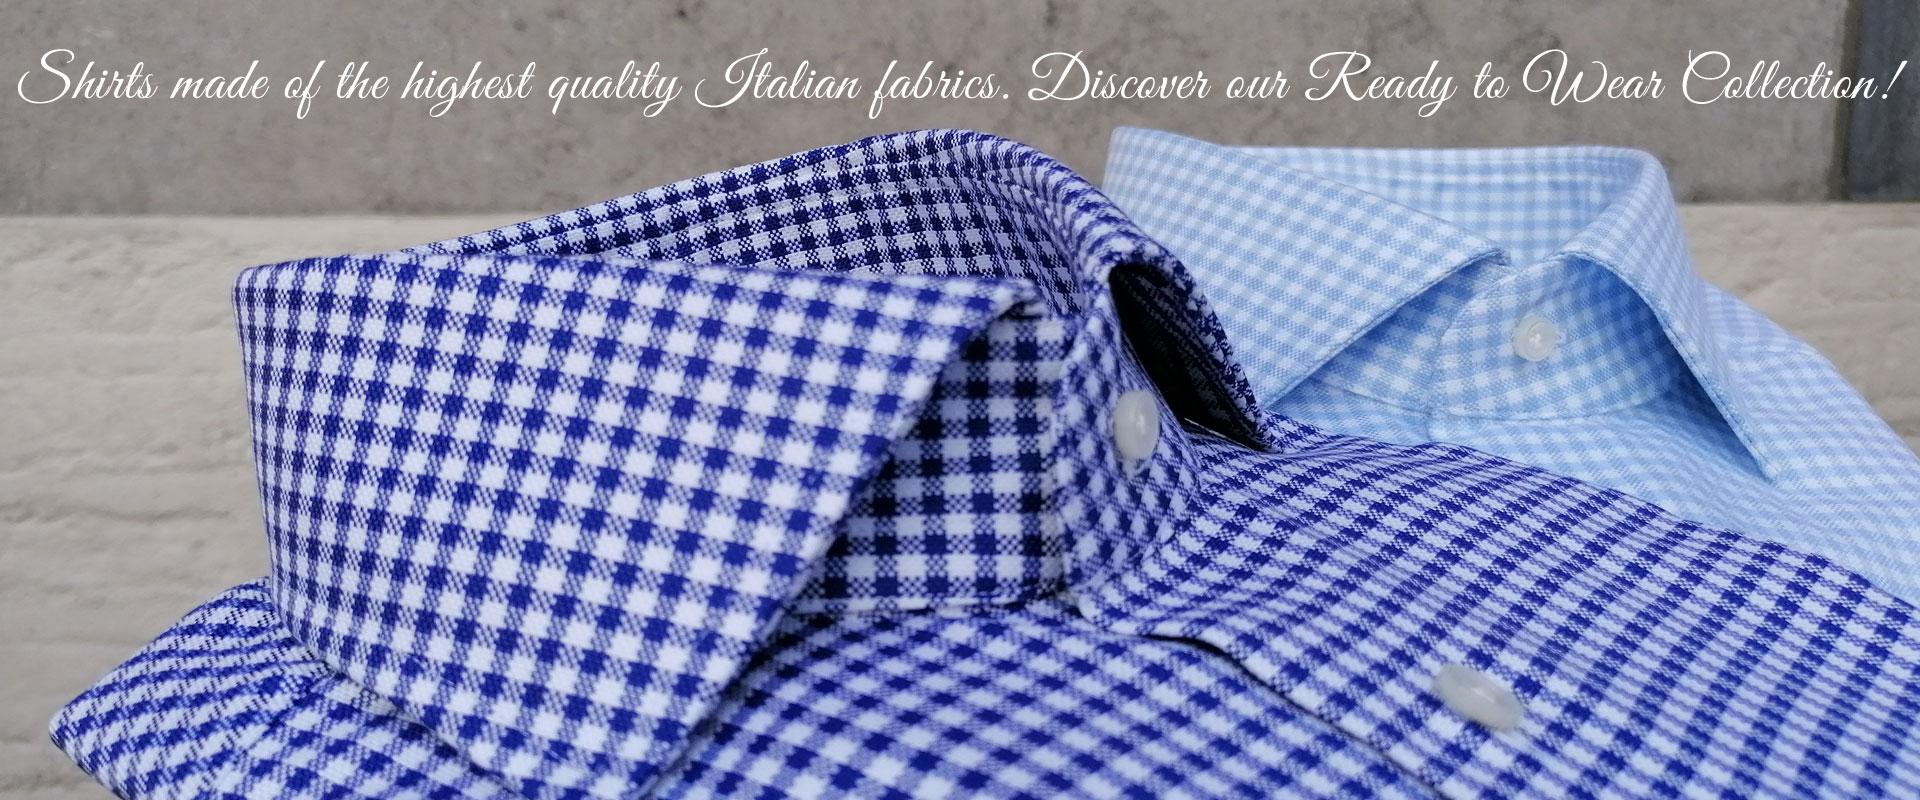 Shirts italy